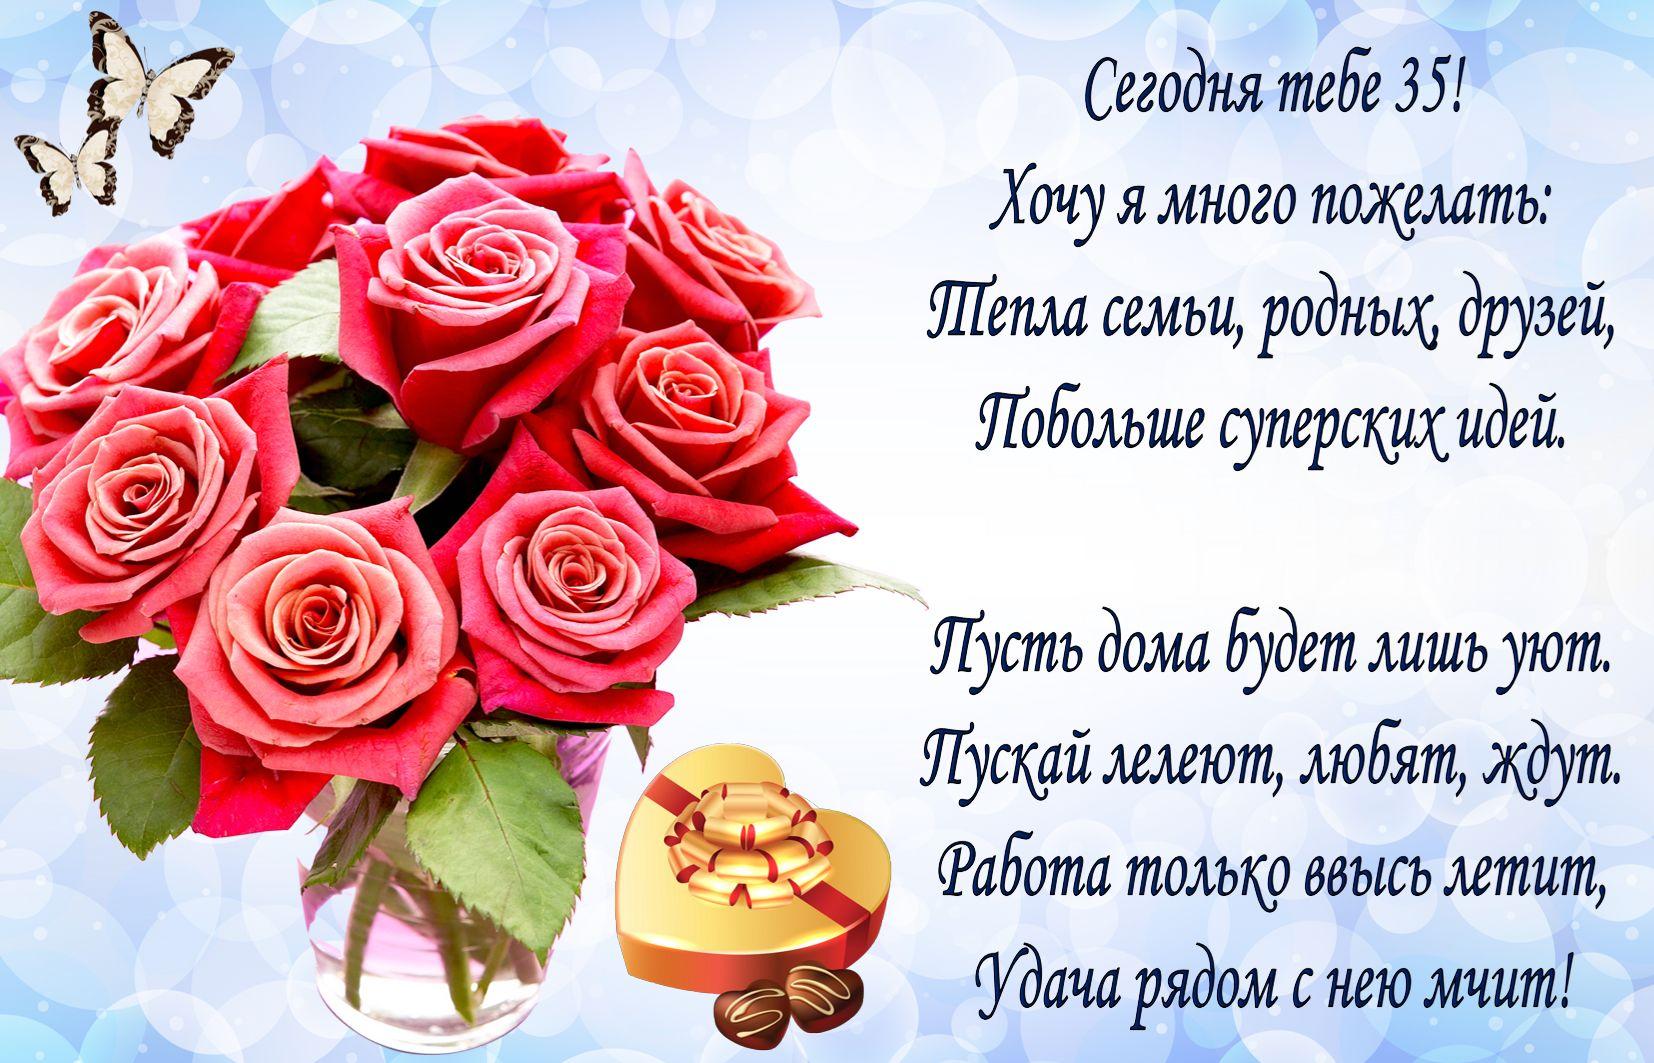 Открытка на юбилей с розами и пожеланием на 35 лет